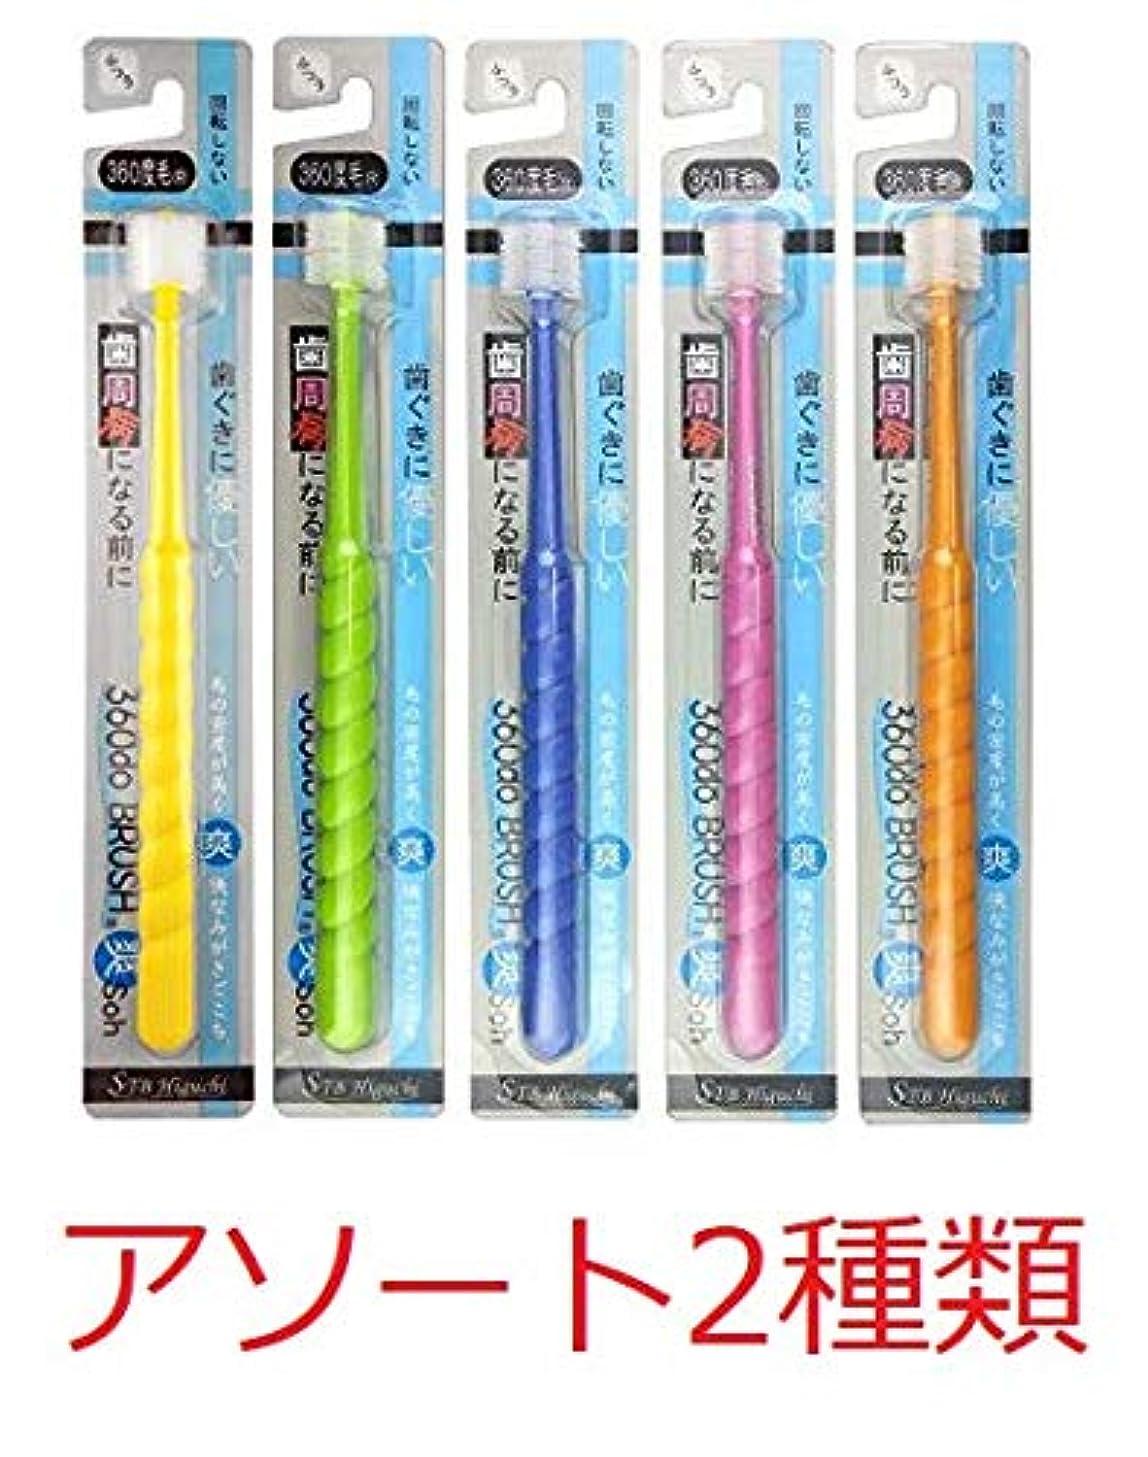 流用する構造的オーストラリア人360度歯ブラシ 360do BRUSH 爽(SOH)2個セット (カラーは2色おまかせ)